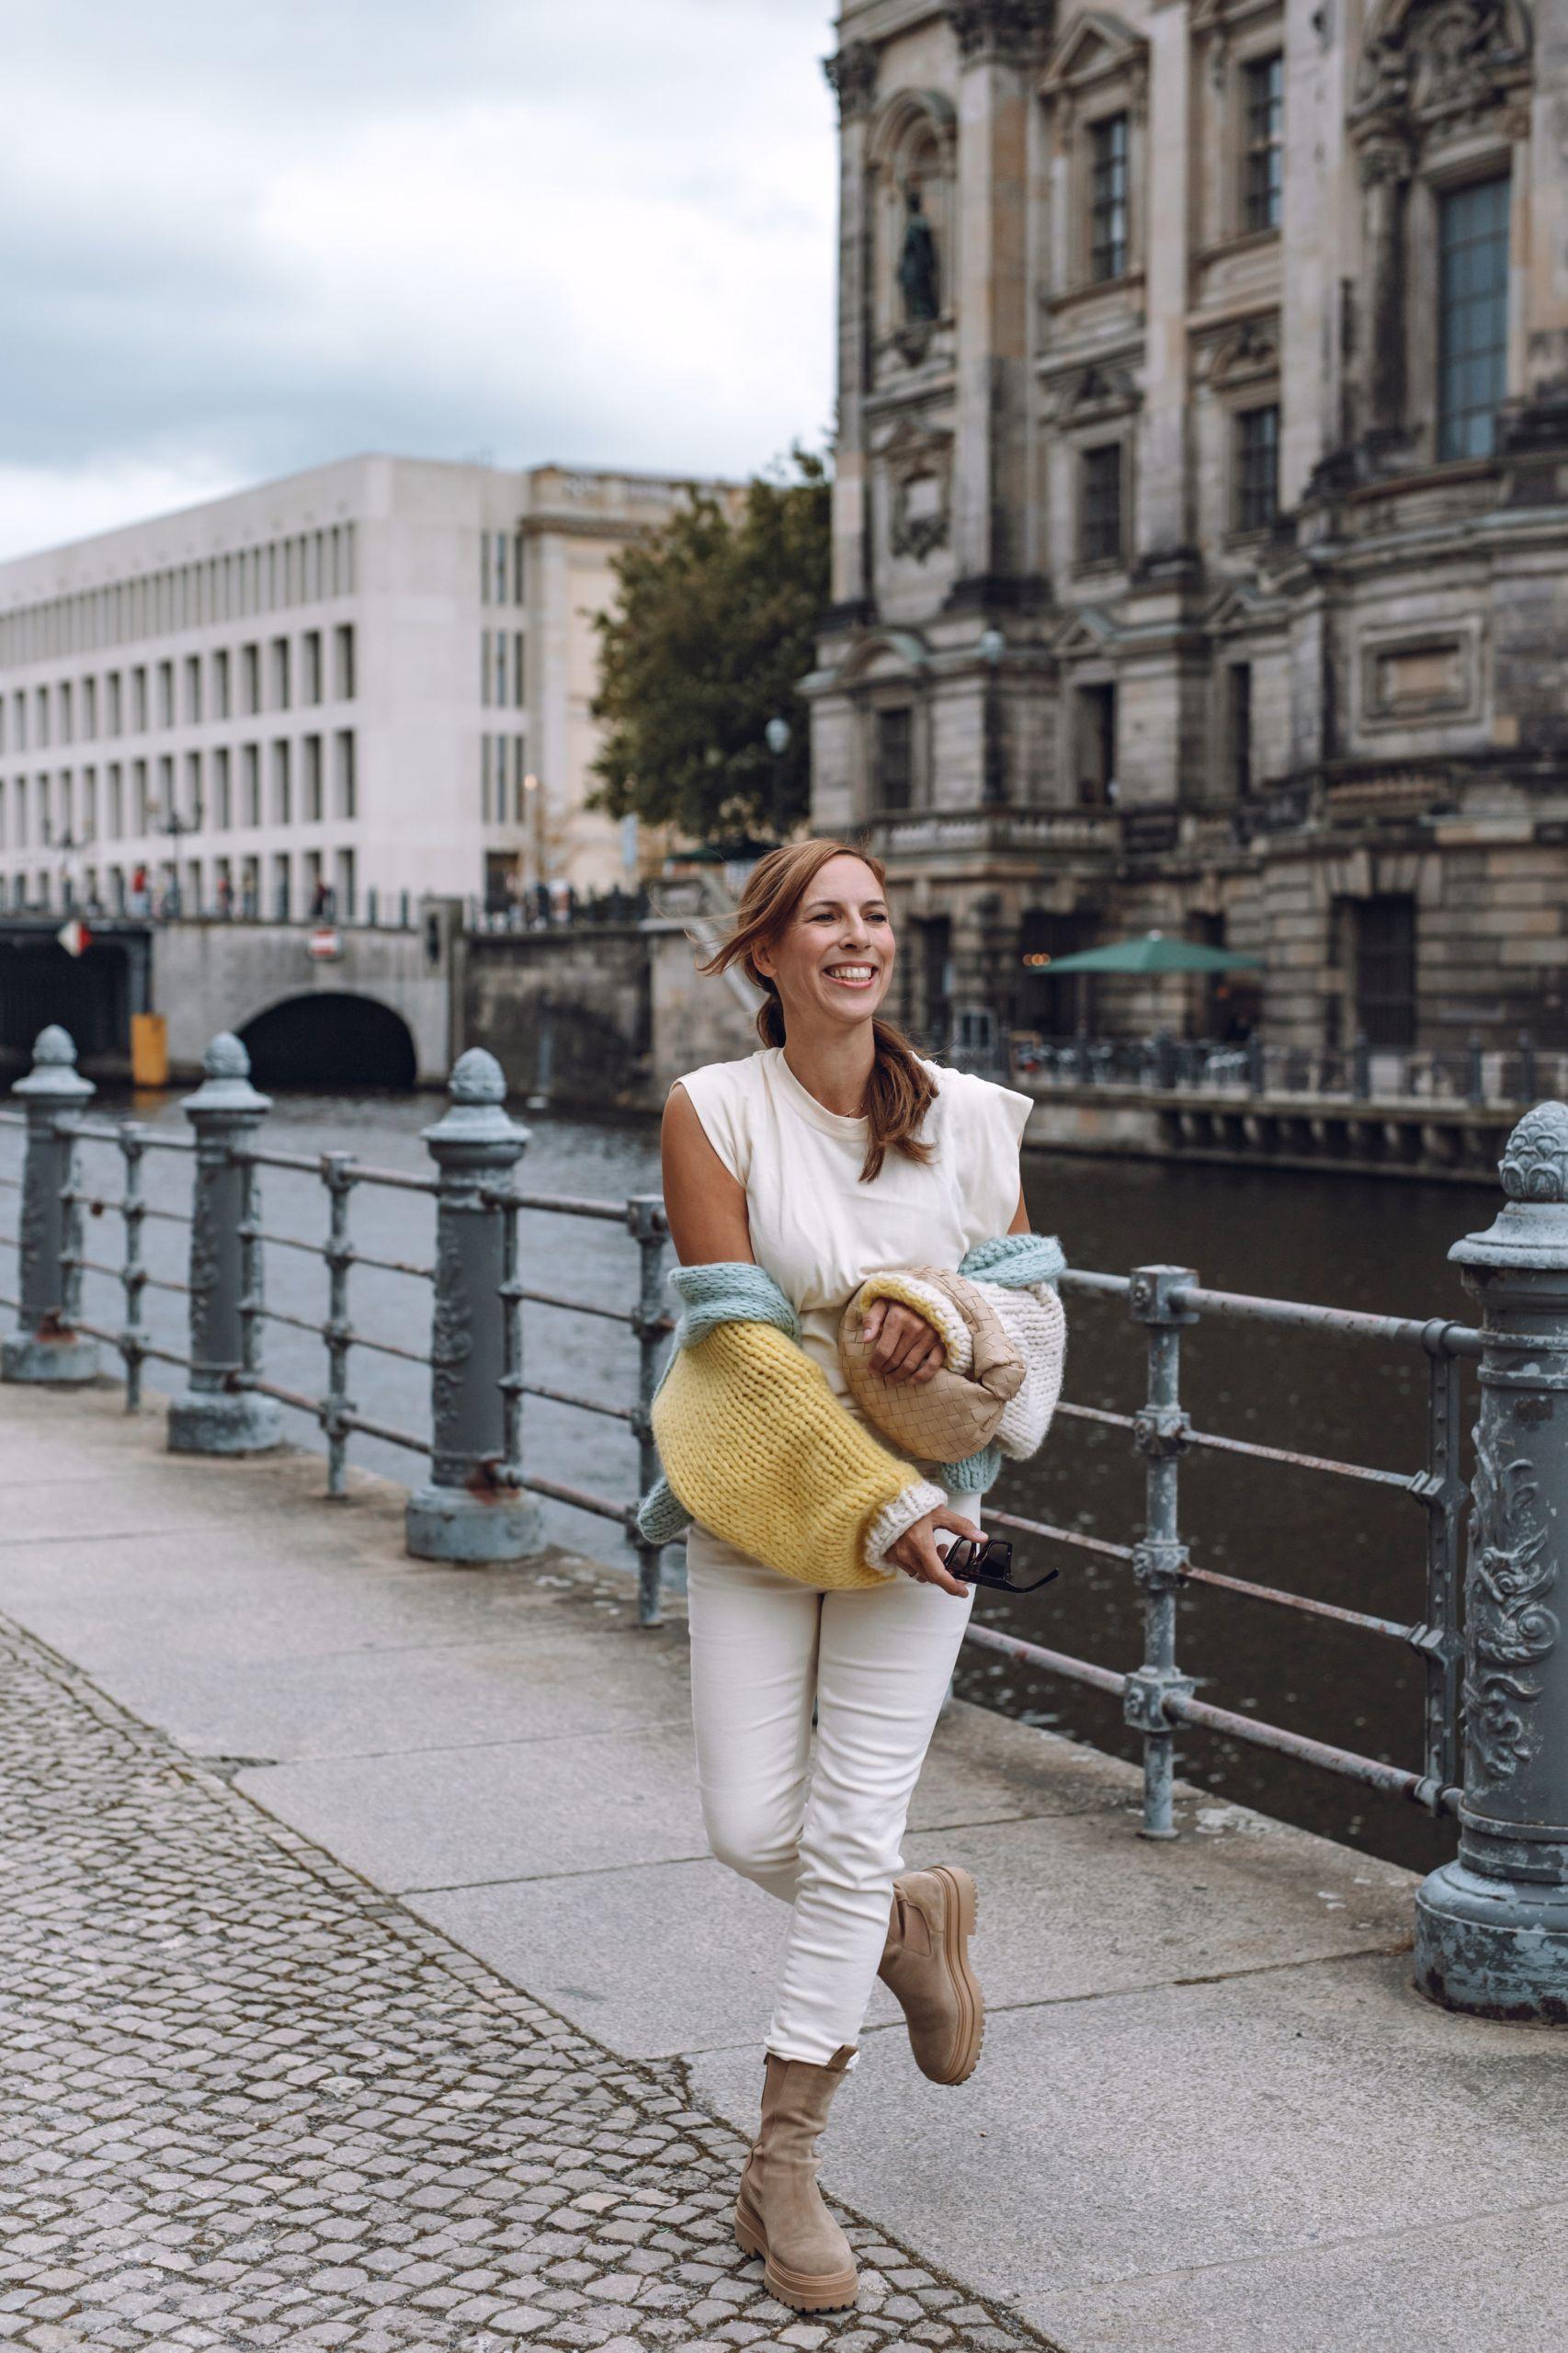 Ein Tag in Berlin auf der Museumsinsel mit Raffaele Riccardi Boots und Bottega Veneta Jodie Bag